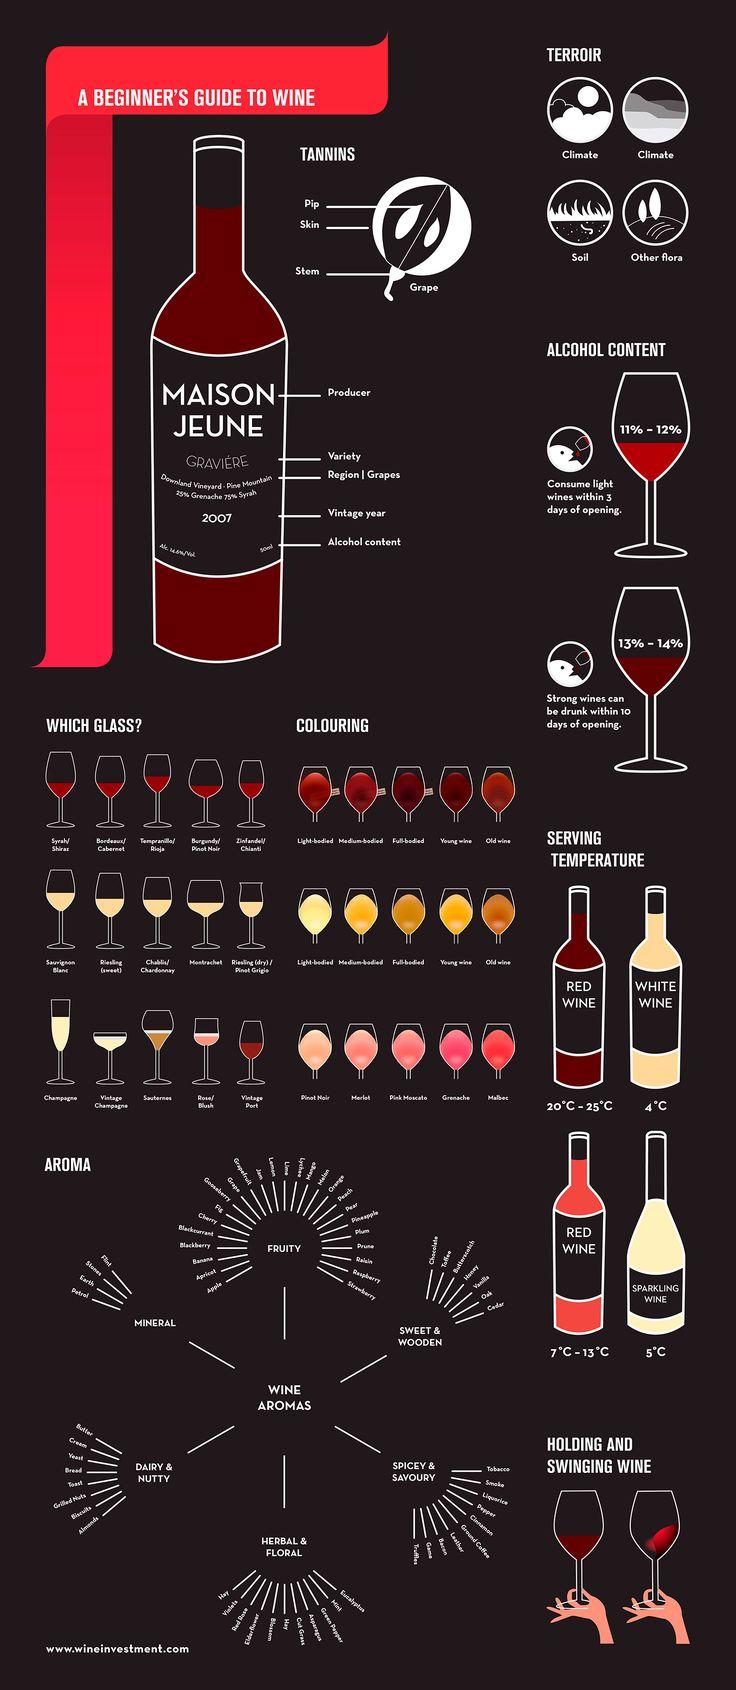 Información básica para la iniciación al vino.